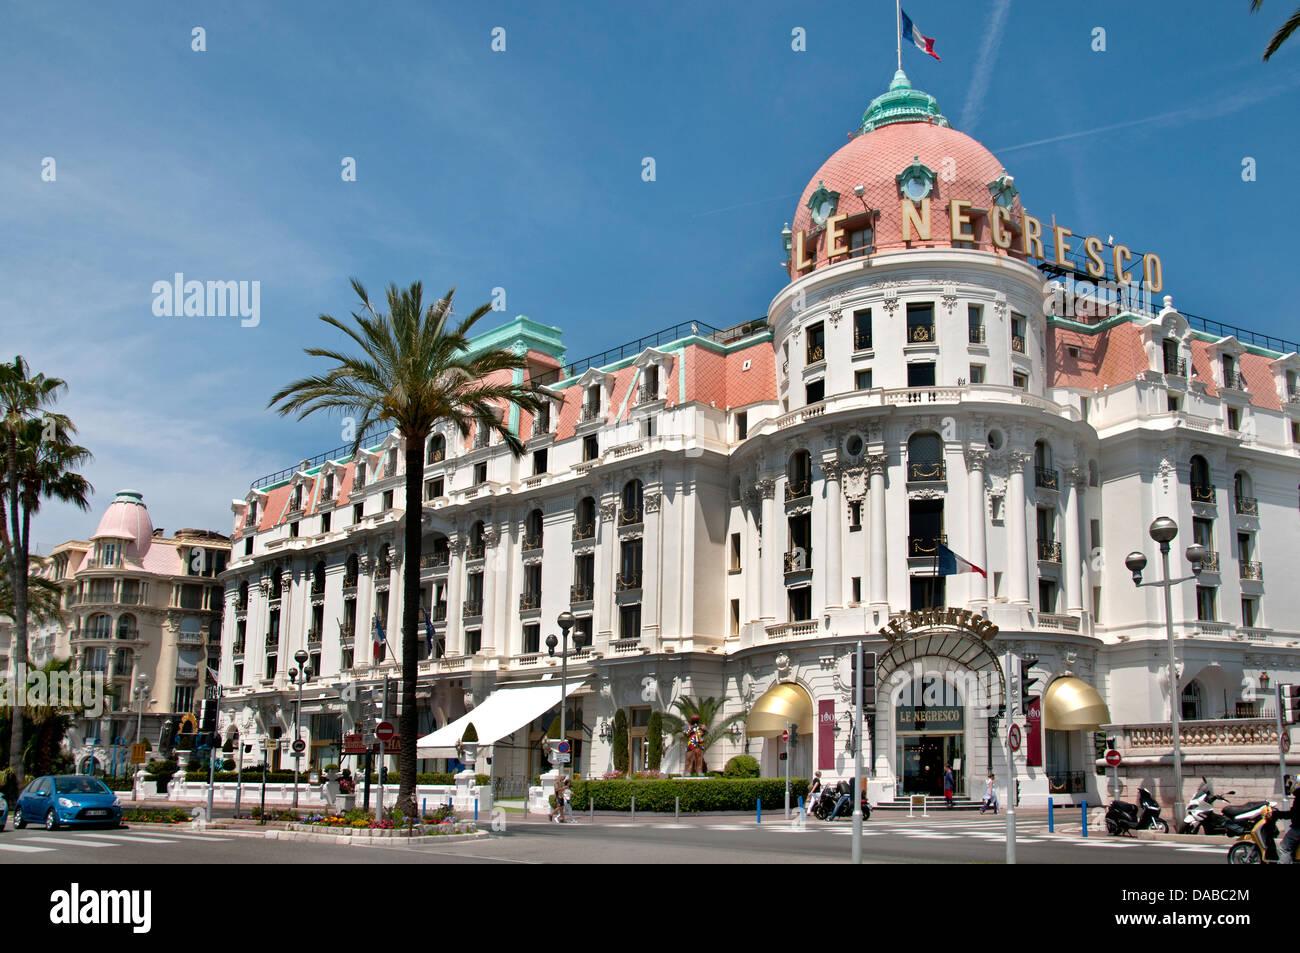 Hôtels de Luxe - Hotel Negresco Nice Beach Promenade des Anglais d'Azur Cote d'Azur France Photo Stock